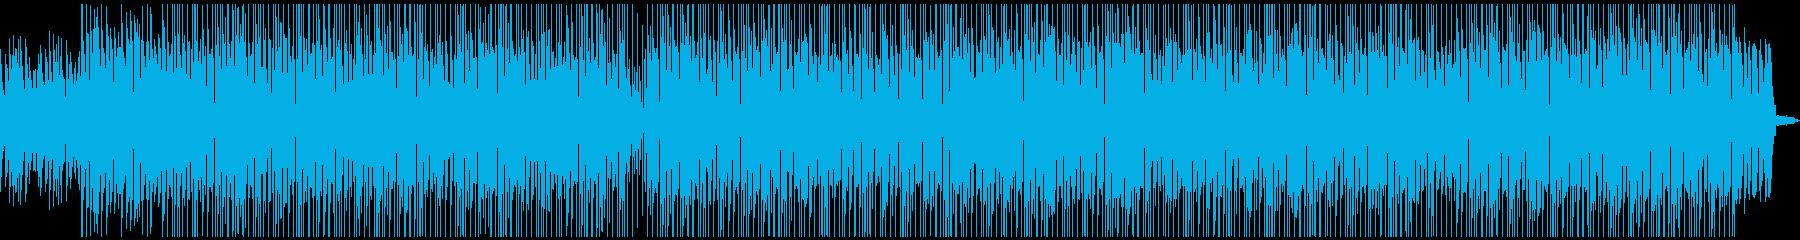 明るい気分になるパーティーチューン1の再生済みの波形